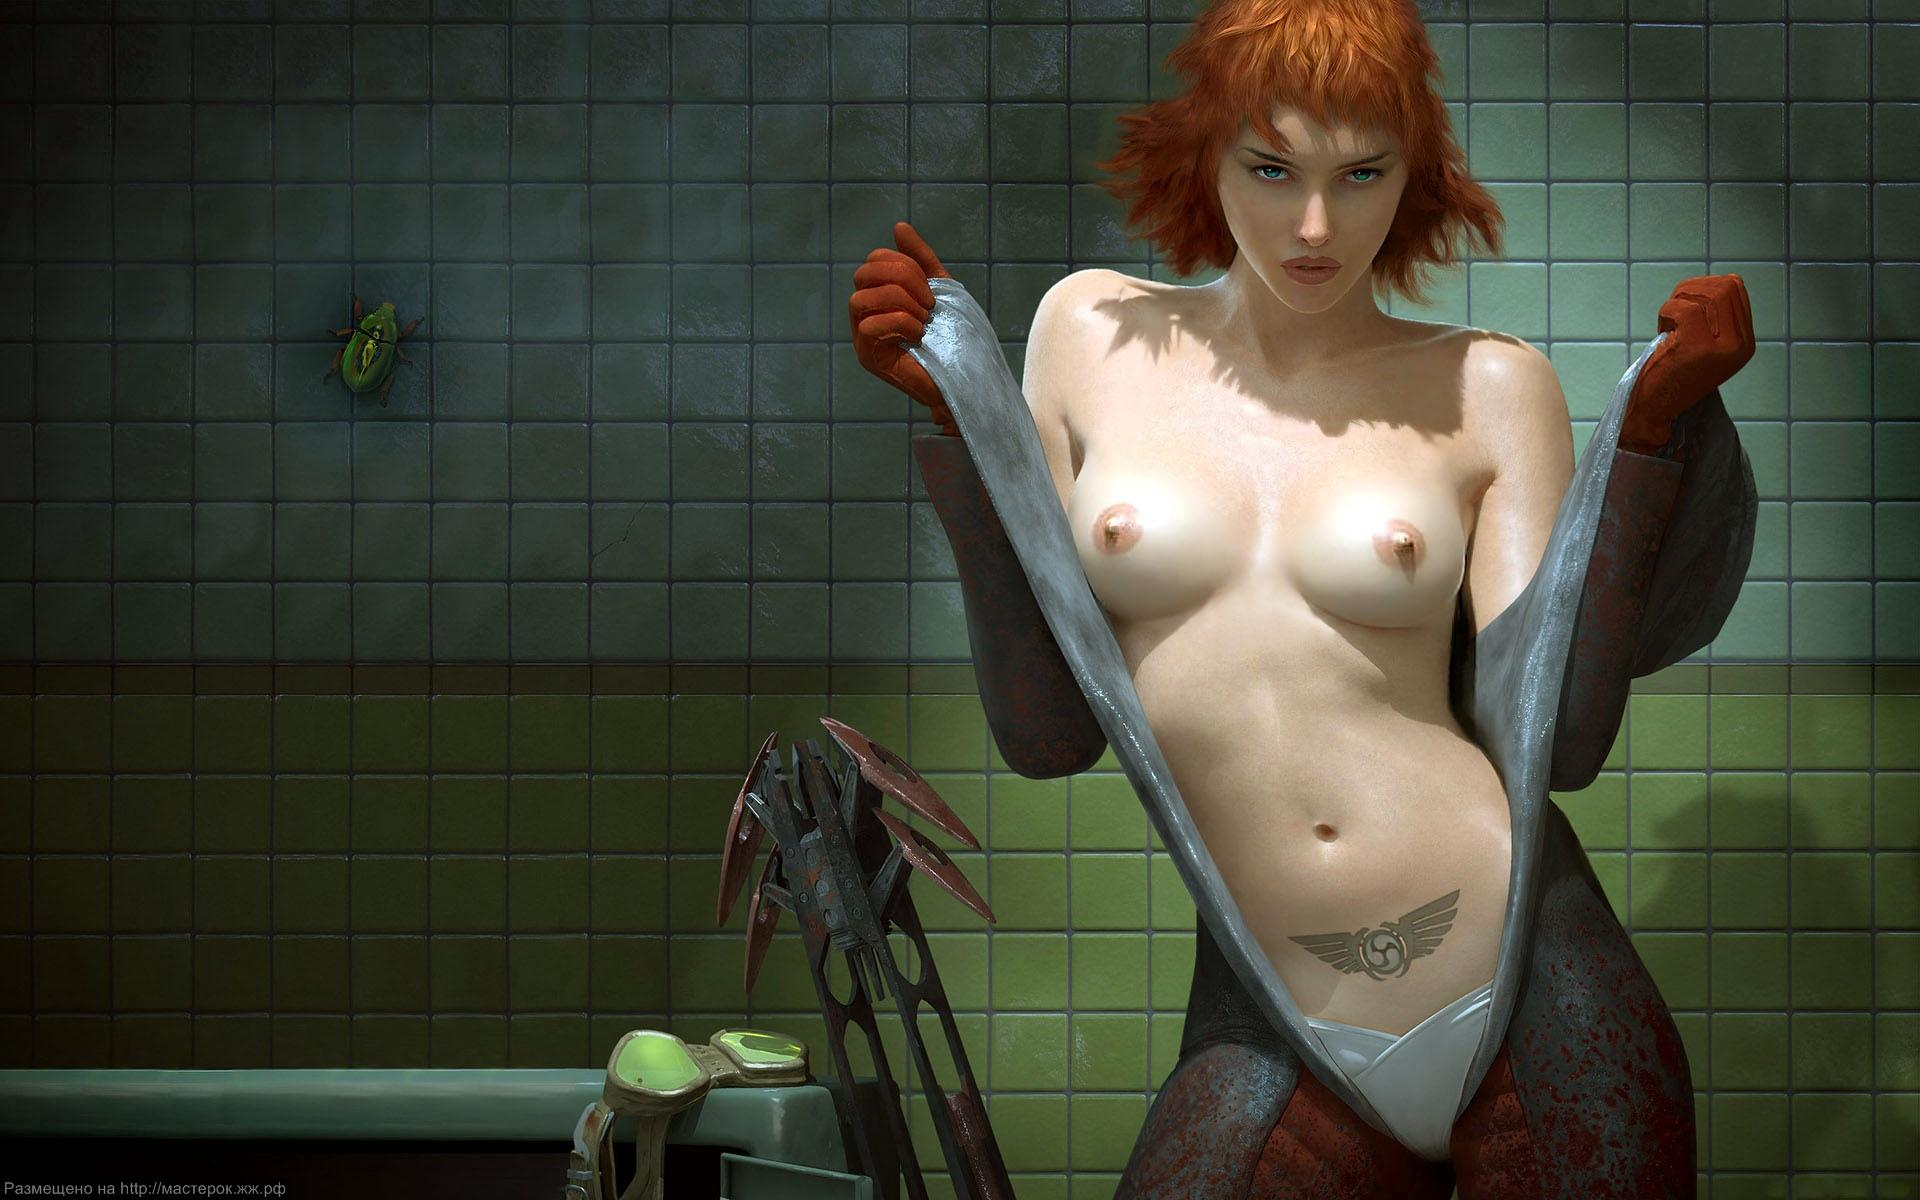 Самые эротичные героини компьютерных игр небывает